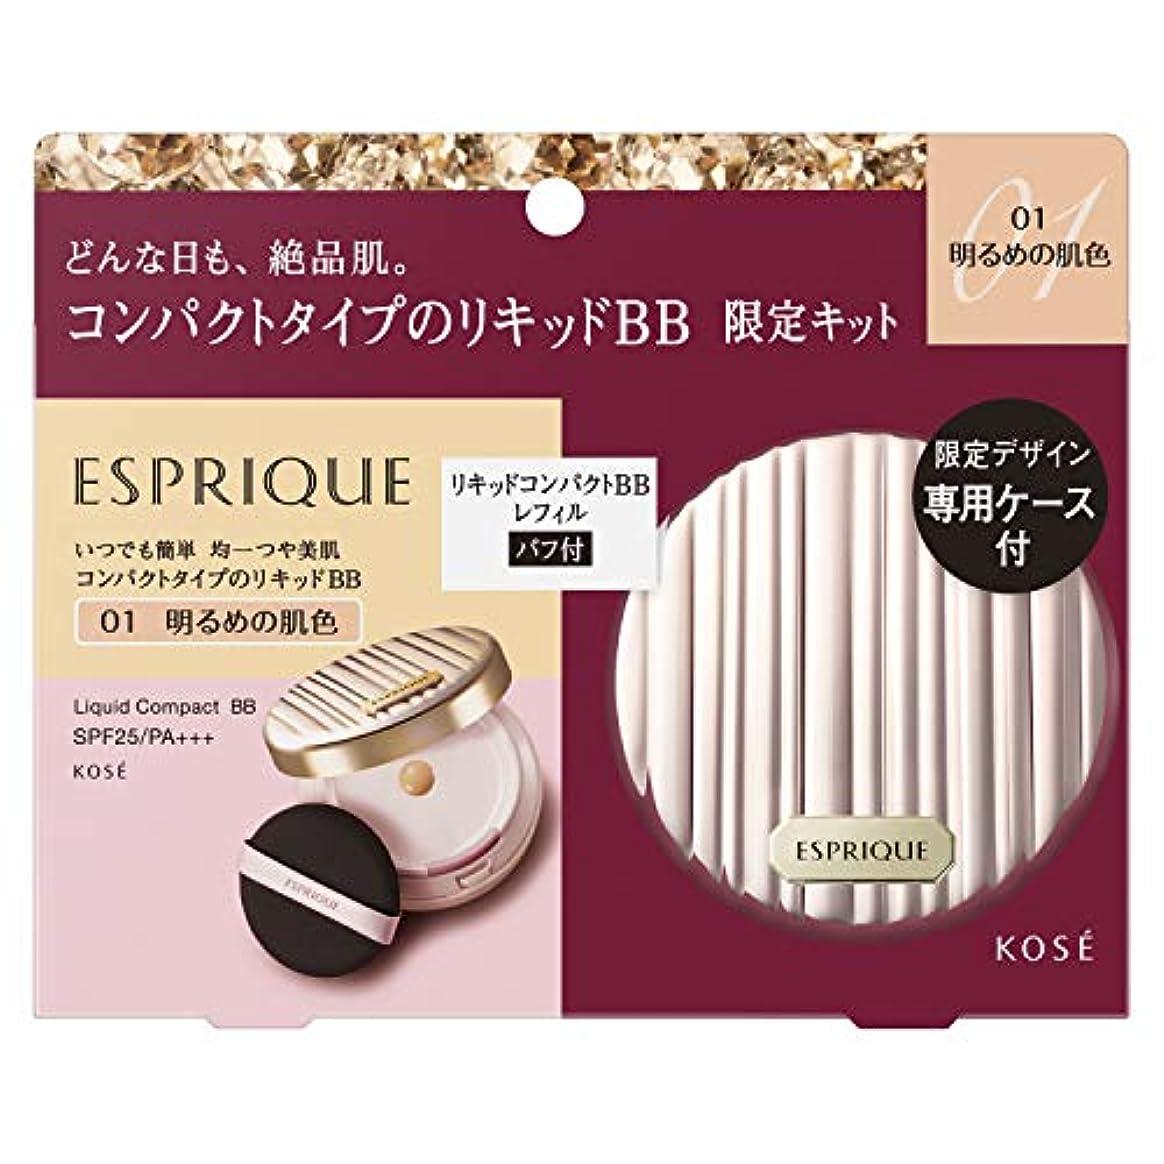 コンサート風刺支給ESPRIQUE(エスプリーク) エスプリーク リキッド コンパクト BB 限定キット 2 BBクリーム 01 明るめの肌色 セット 13g+ケース付き